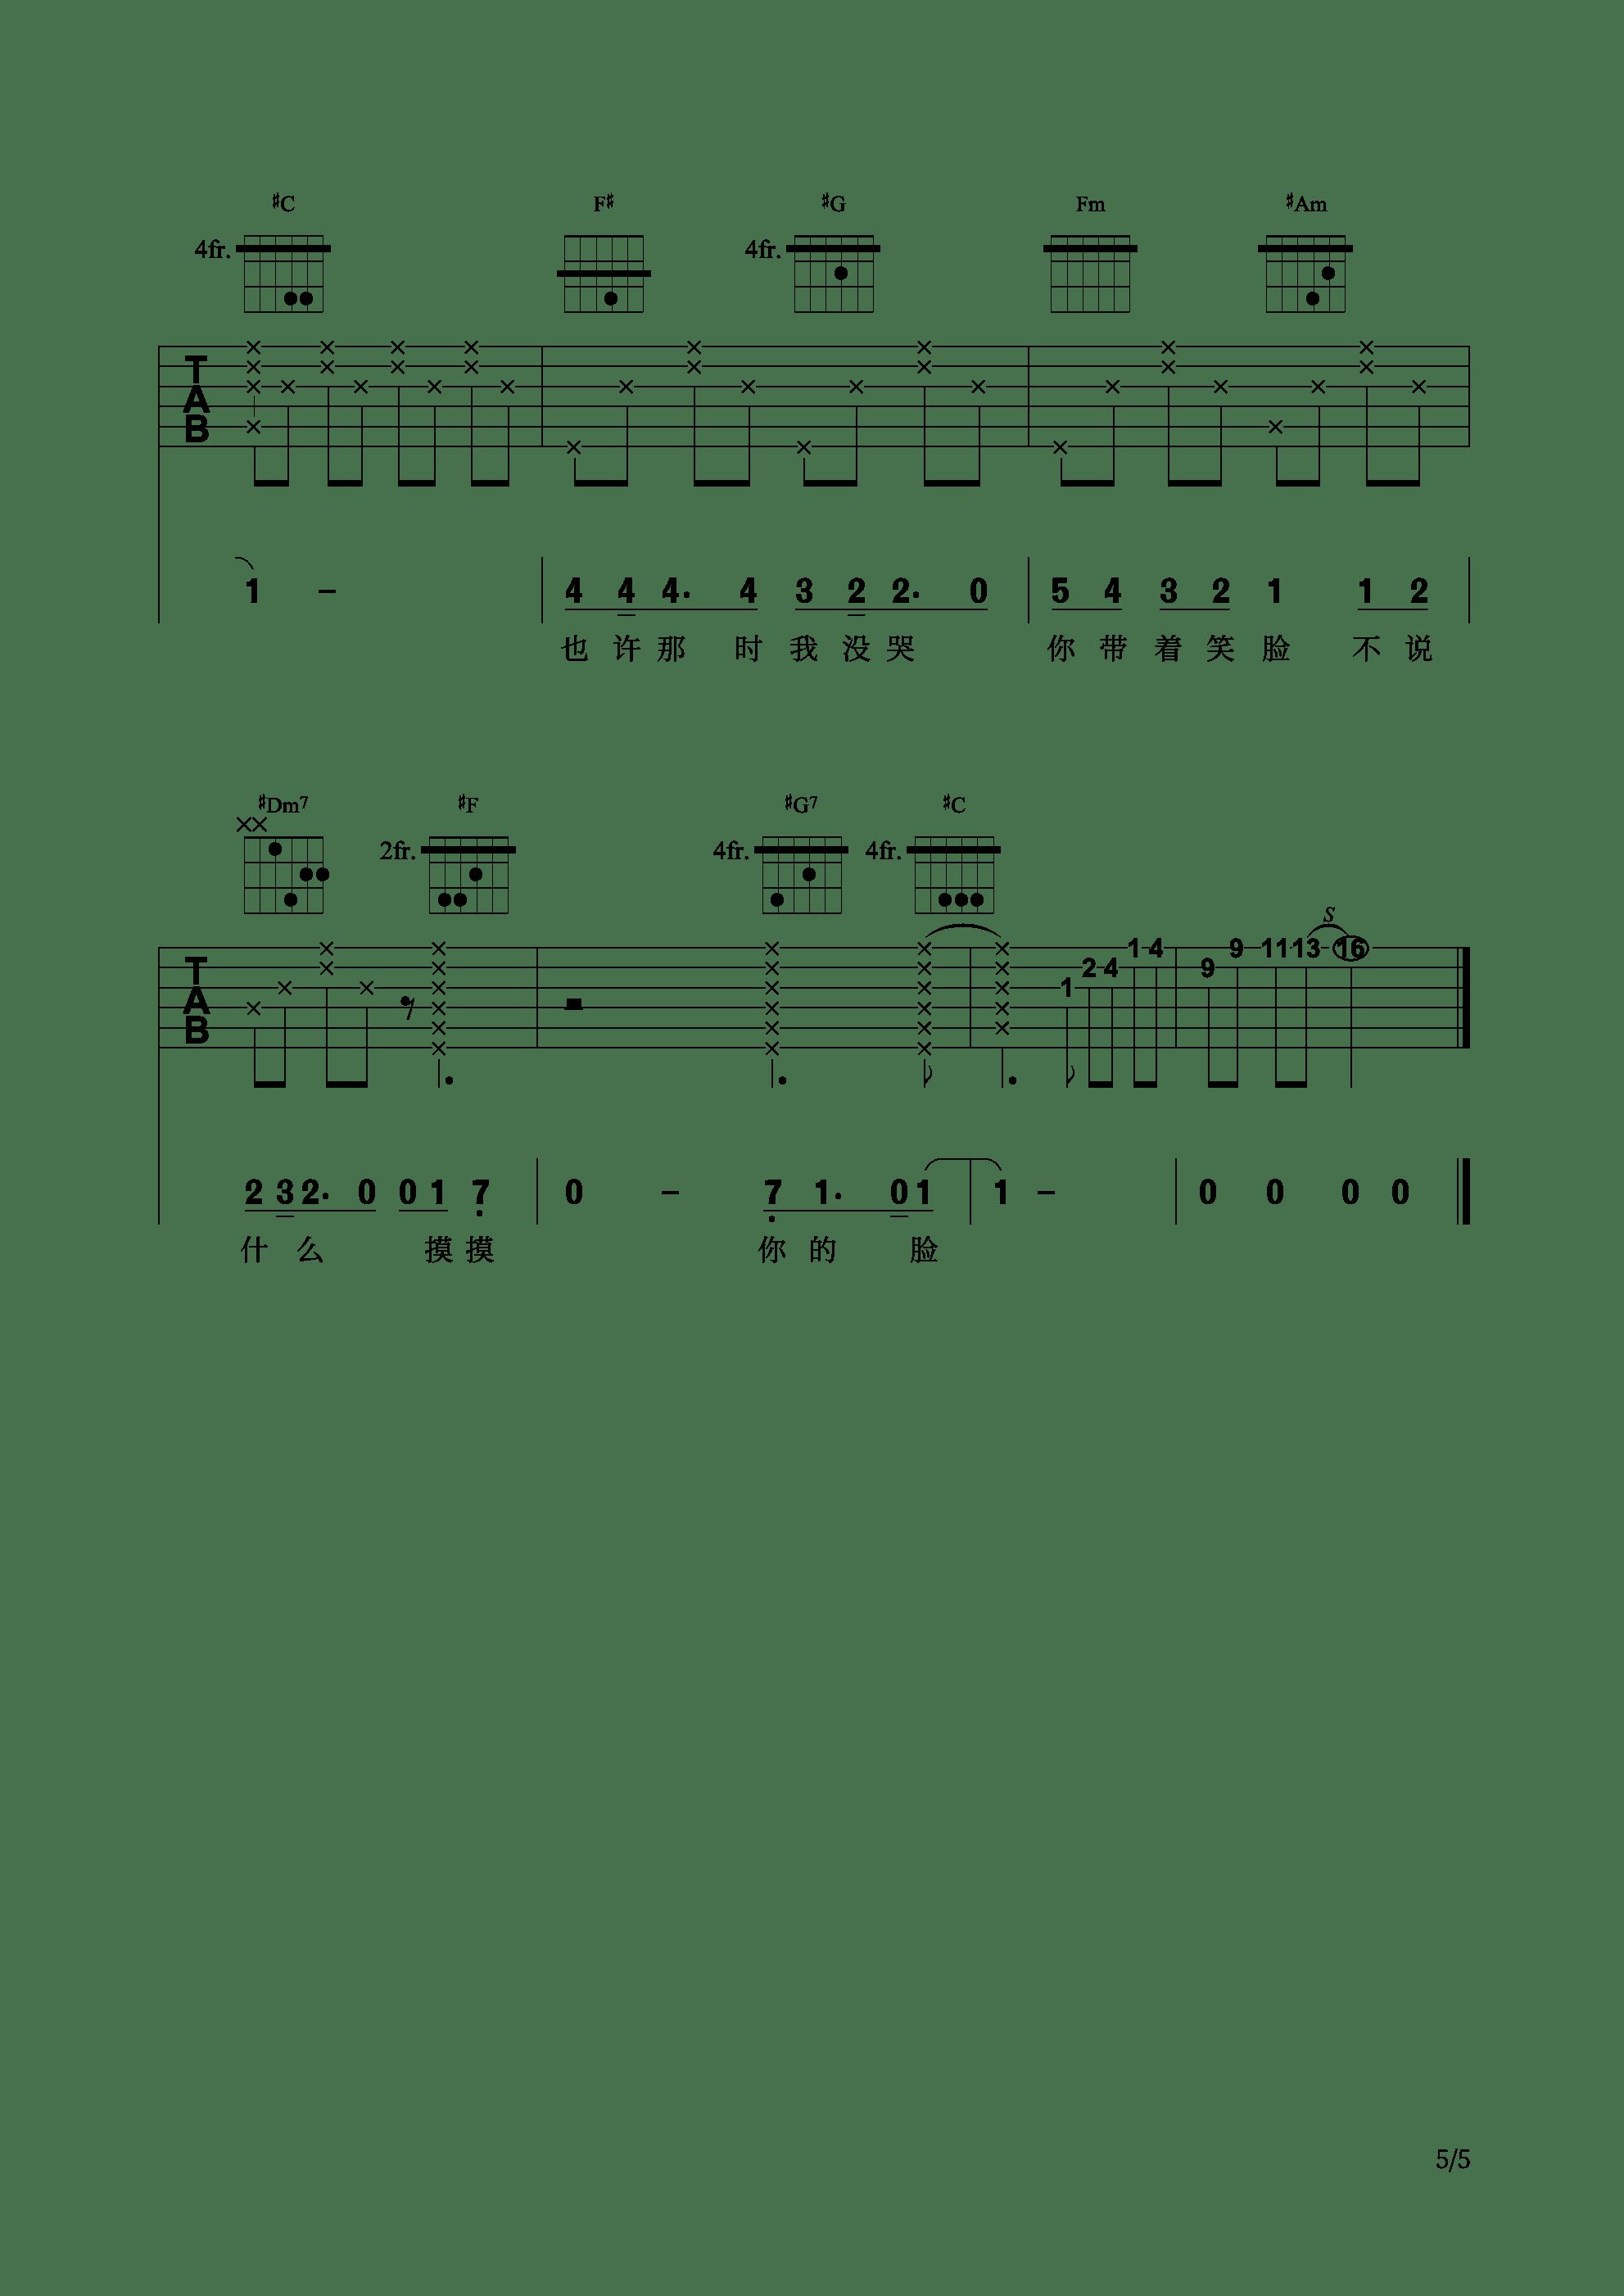 网剧《芝麻》插曲 - 不说什么吉他谱5